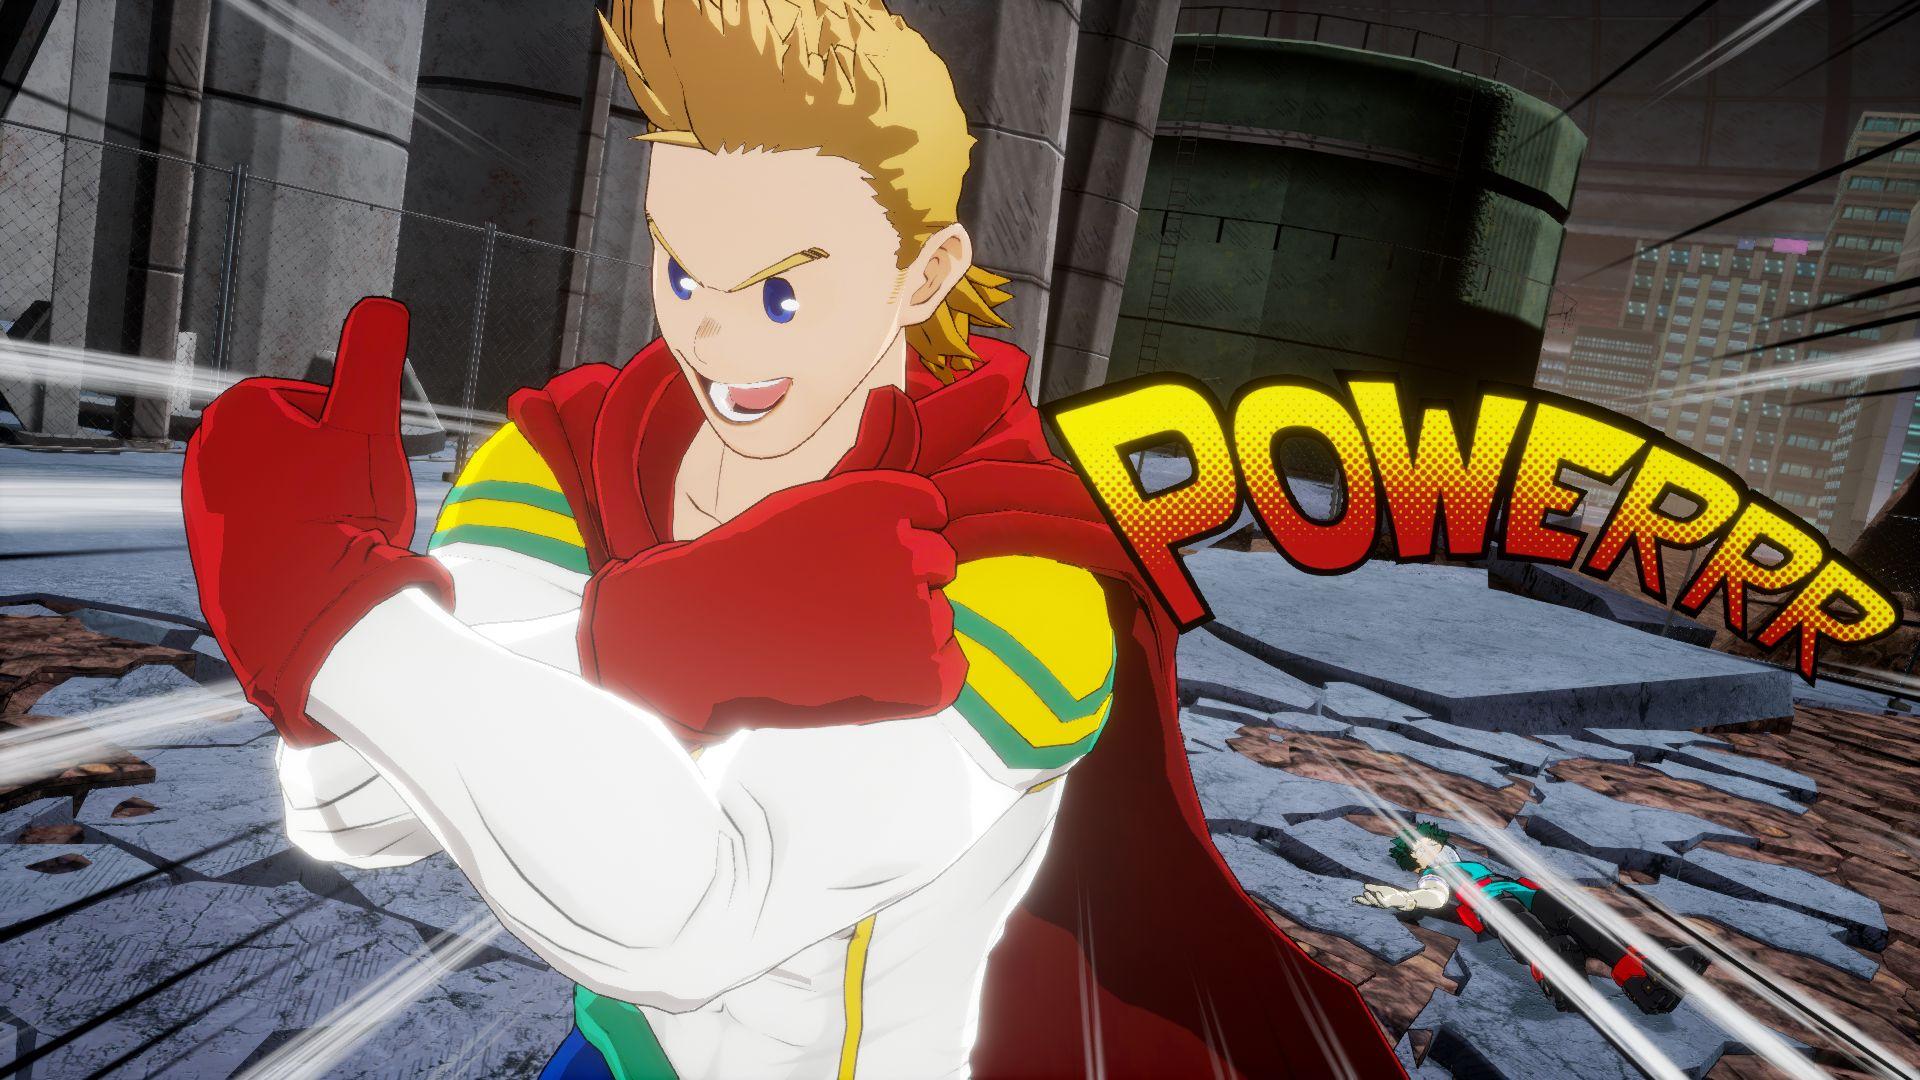 Mirio sera un personaje jugable en My Hero One's justice 2 , GamersRD